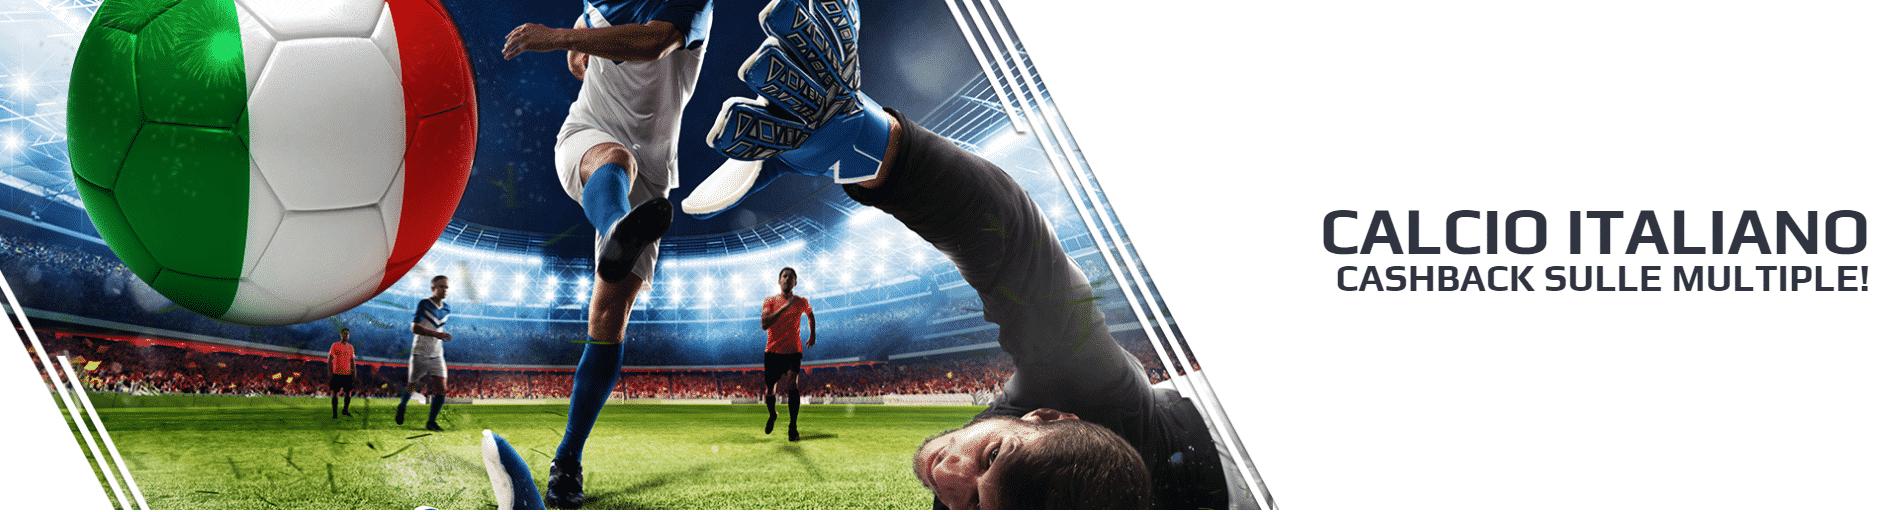 Promozioni NetBet: Cashback sulle multiple delle partite di calcio italiane